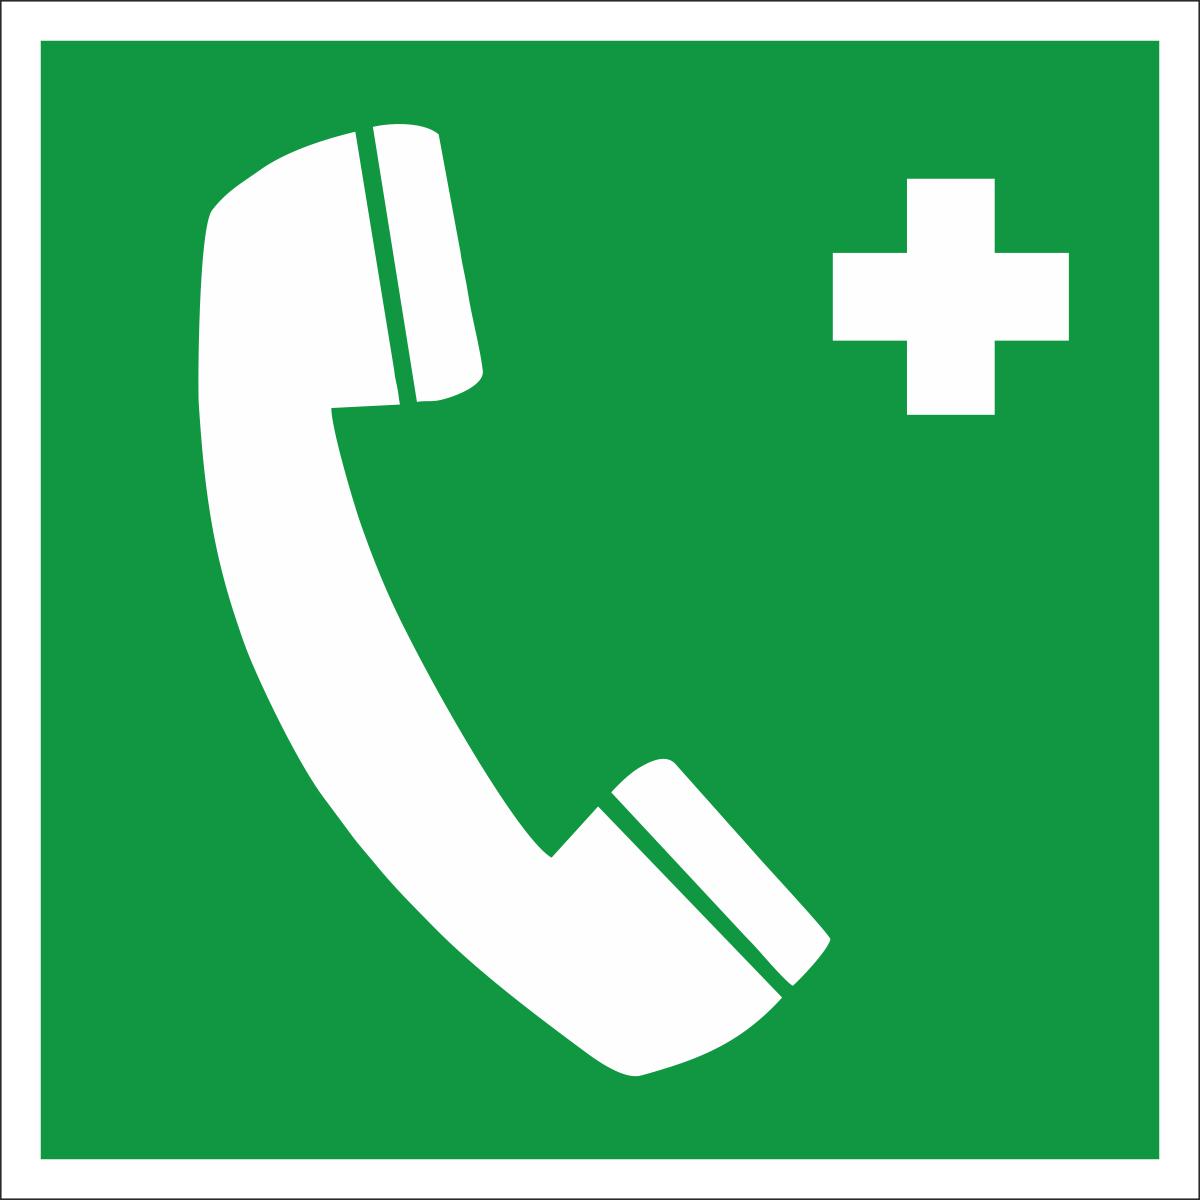 Наклейка информационная Оранжевый Слоник Телефон связи с медицинским пунктом, 15 х 15 смINM005RGBИнформационные наклейки предназначенны для предупреждения людей о непосредственной или возможной опасности, запрещения, предписания или разрешения определенных действий, а также для информации о расположении объектов и средств, использование которых ислючает или снижает воздействие опасных и (или) вредных факторов.